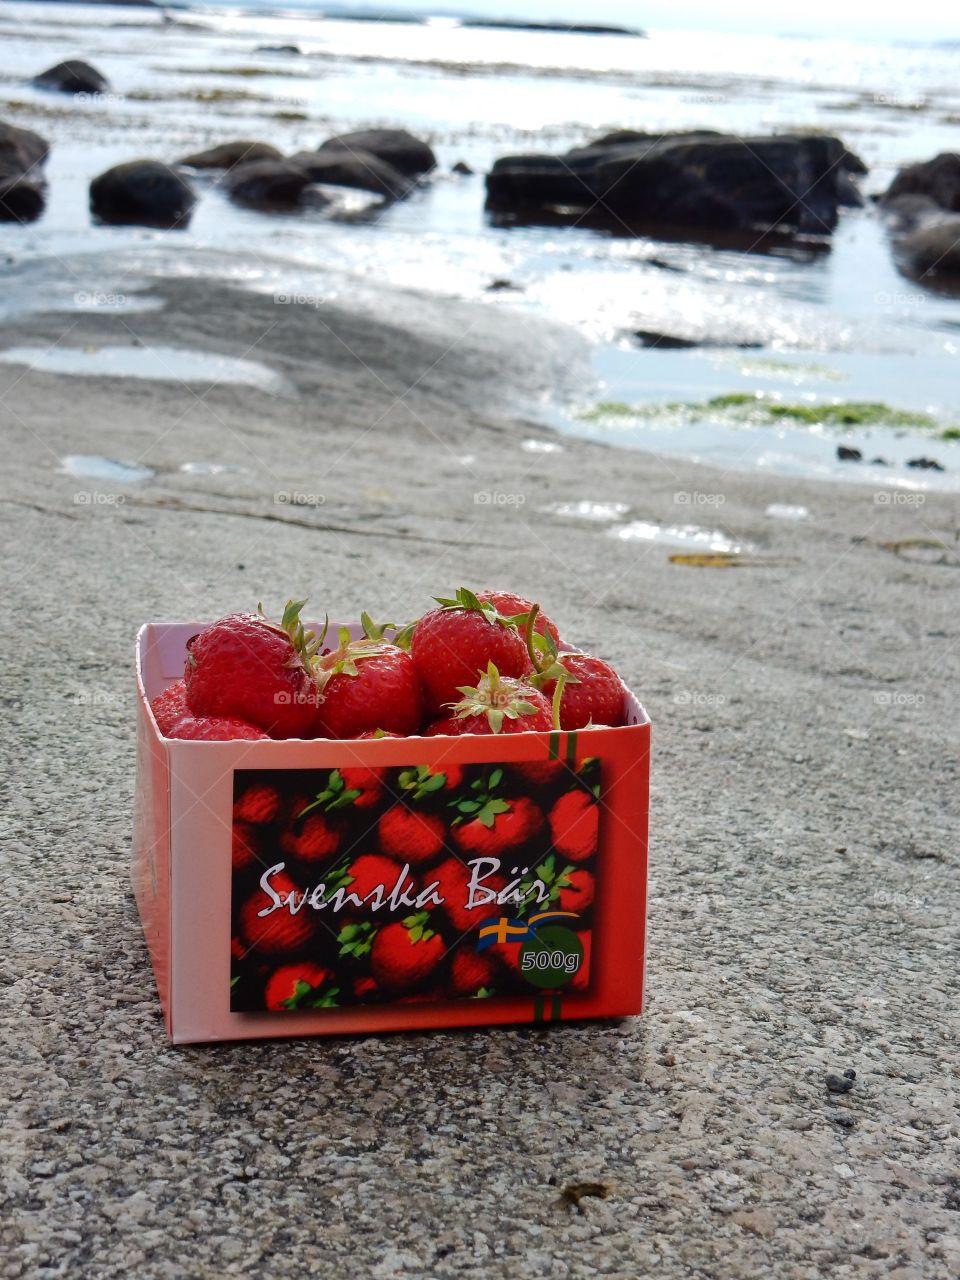 Svenska jordgubbar. Svenska jordgubbar på stranden i Rossö